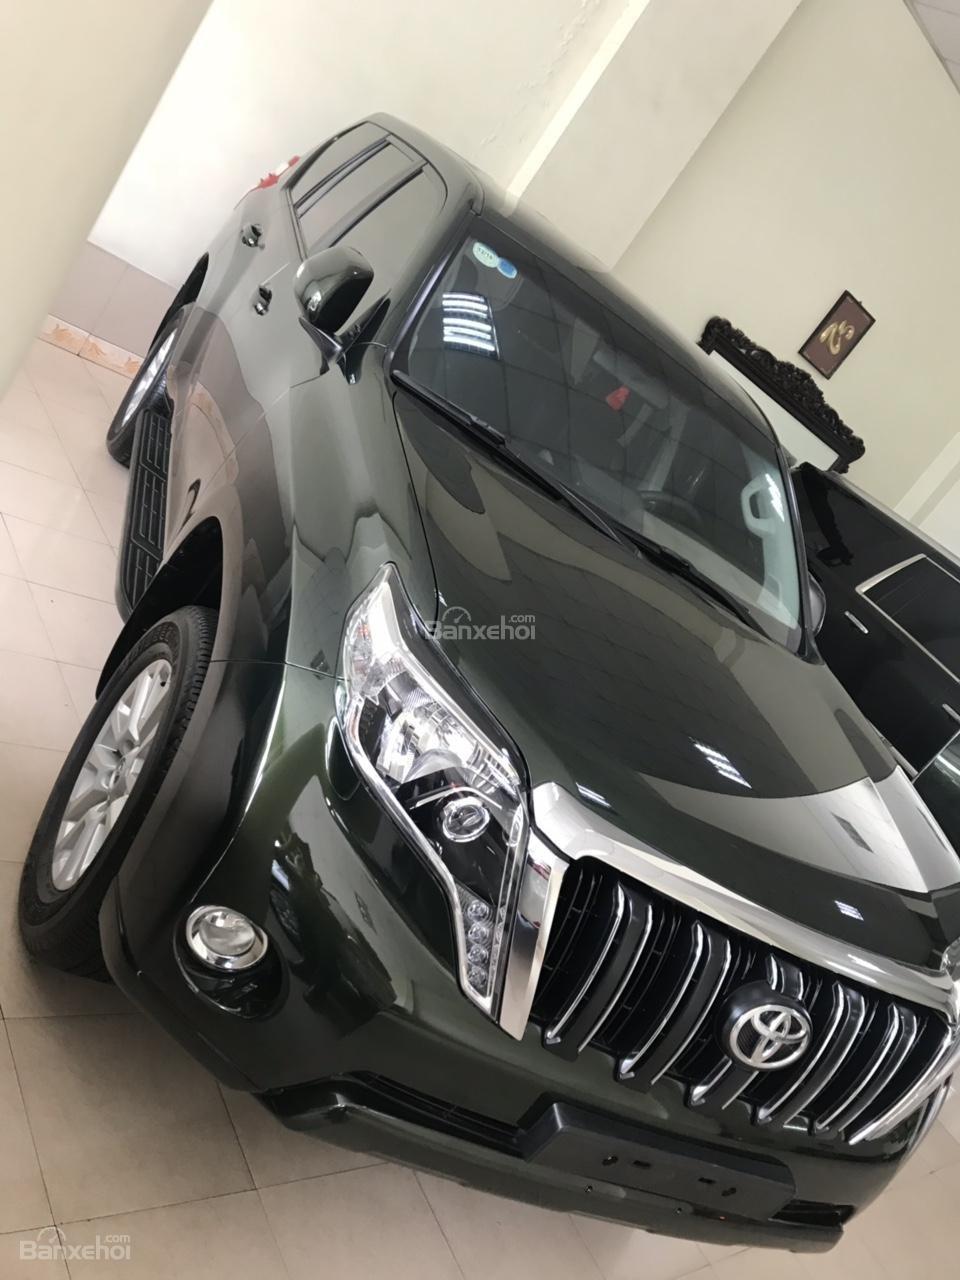 Cần bán Toyota Prado - TXL - 2016, biển thành phố, xe đẹp như mơ, hỗ trợ vay ngân hàng, liên hệ Mr Trung-0988599025-1